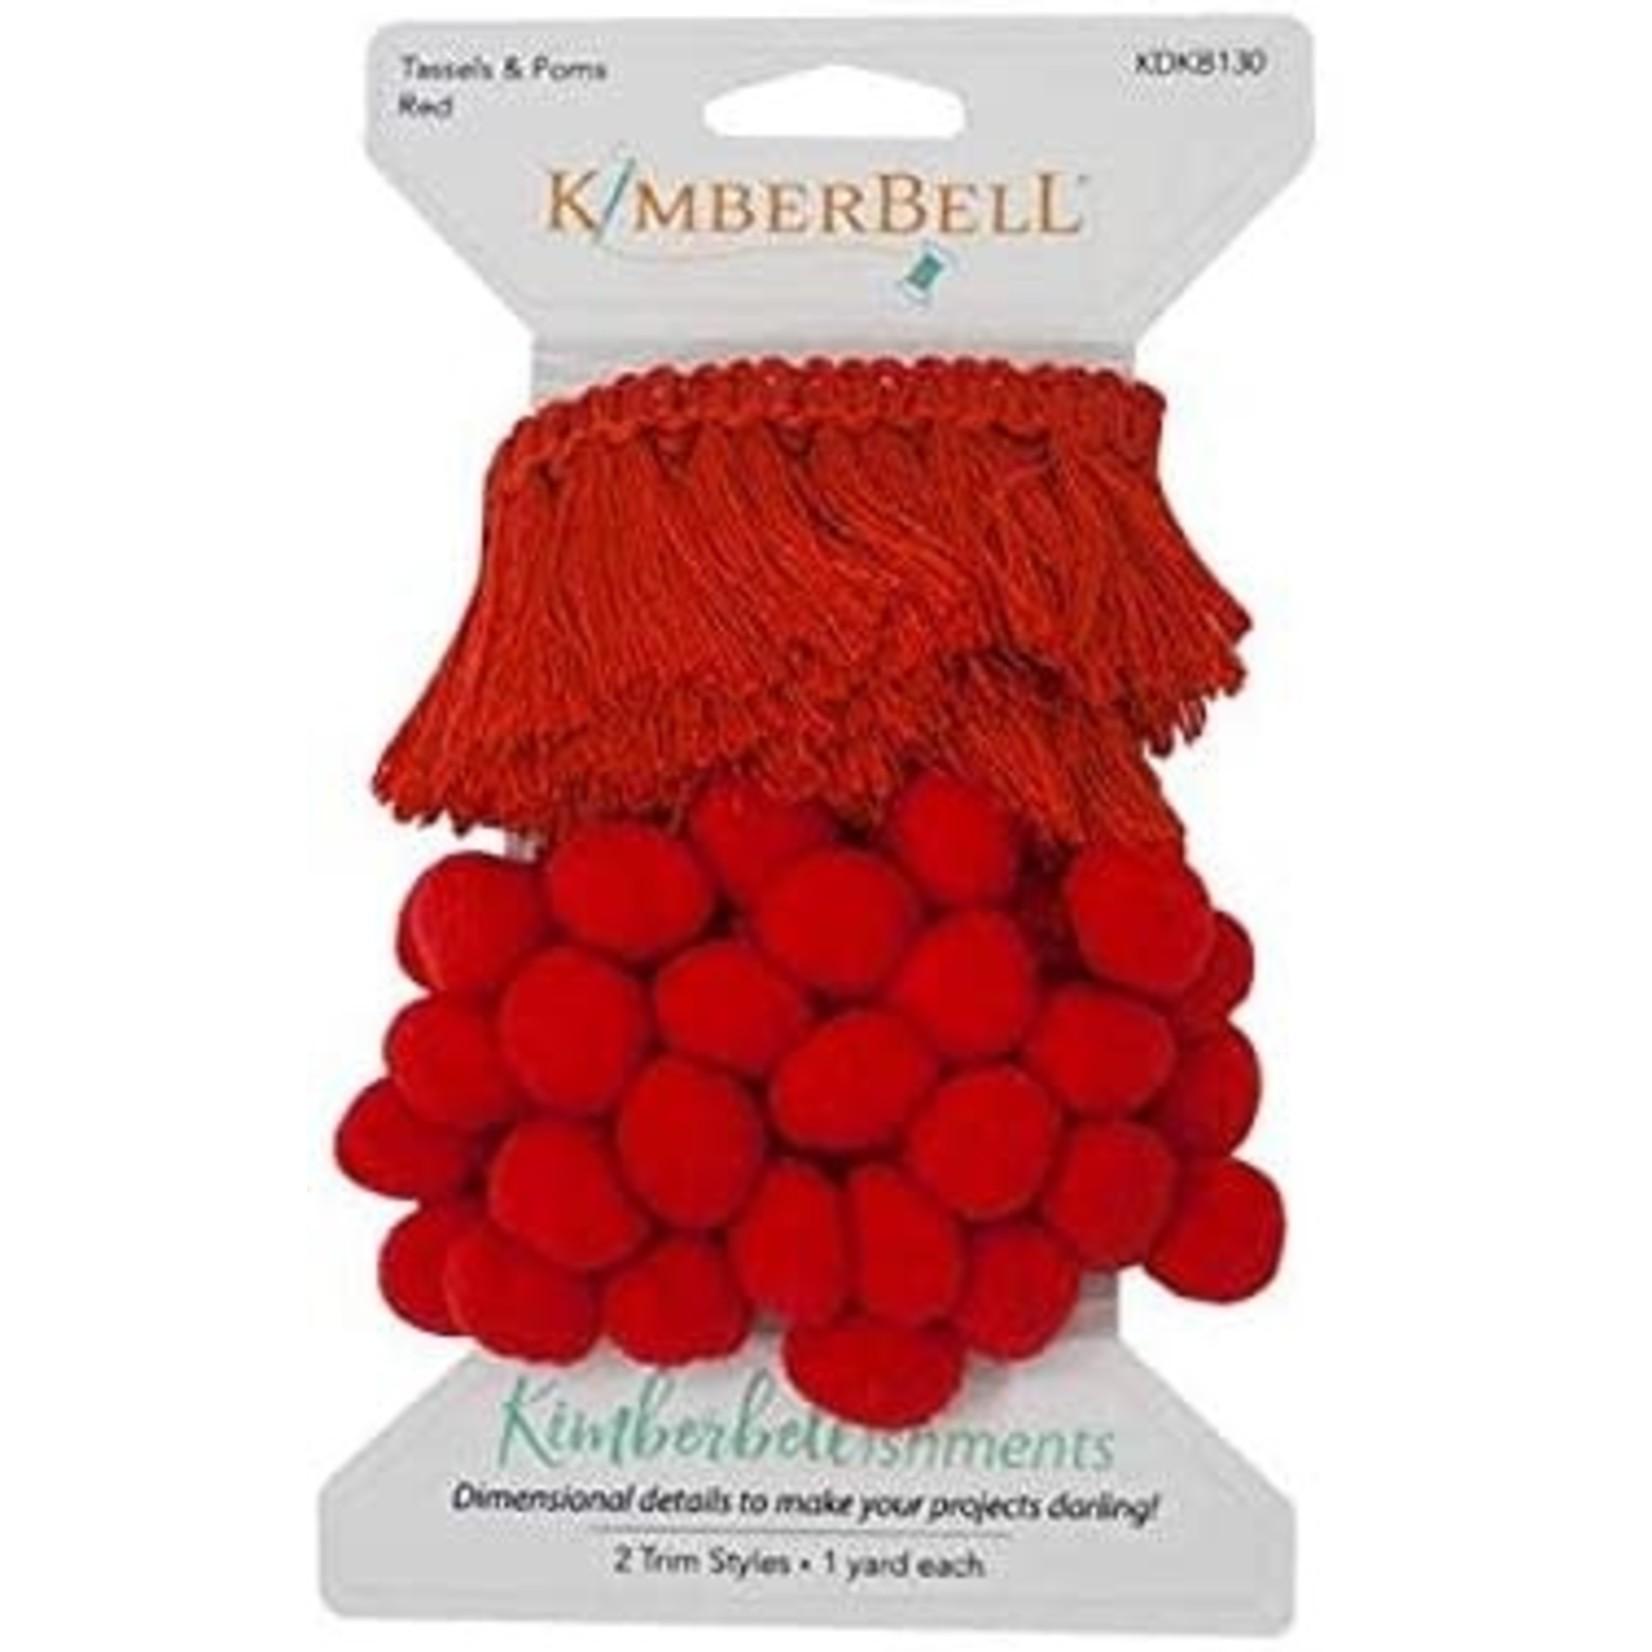 KIMBERBELL DESIGNS Tassels & Poms Trim, Red